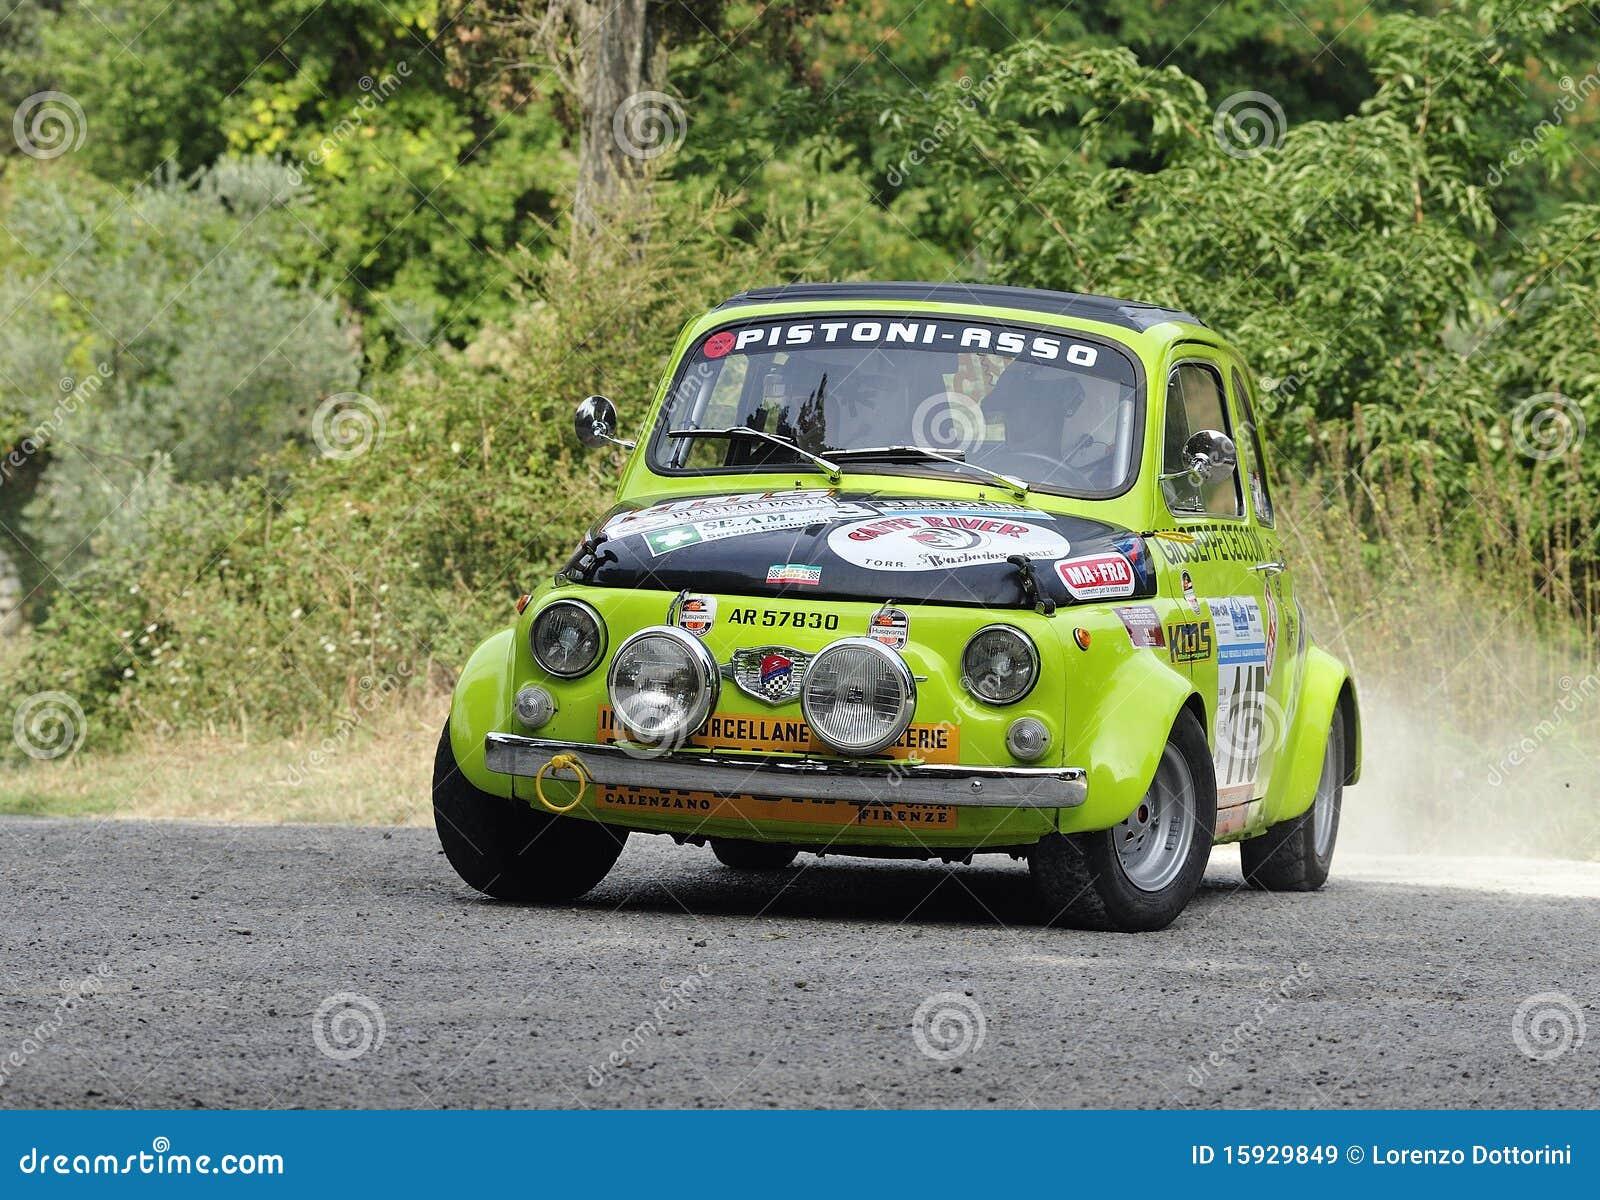 Fiat 500 Giannini Editorial Stock Image Image Of Tuscany 15929849